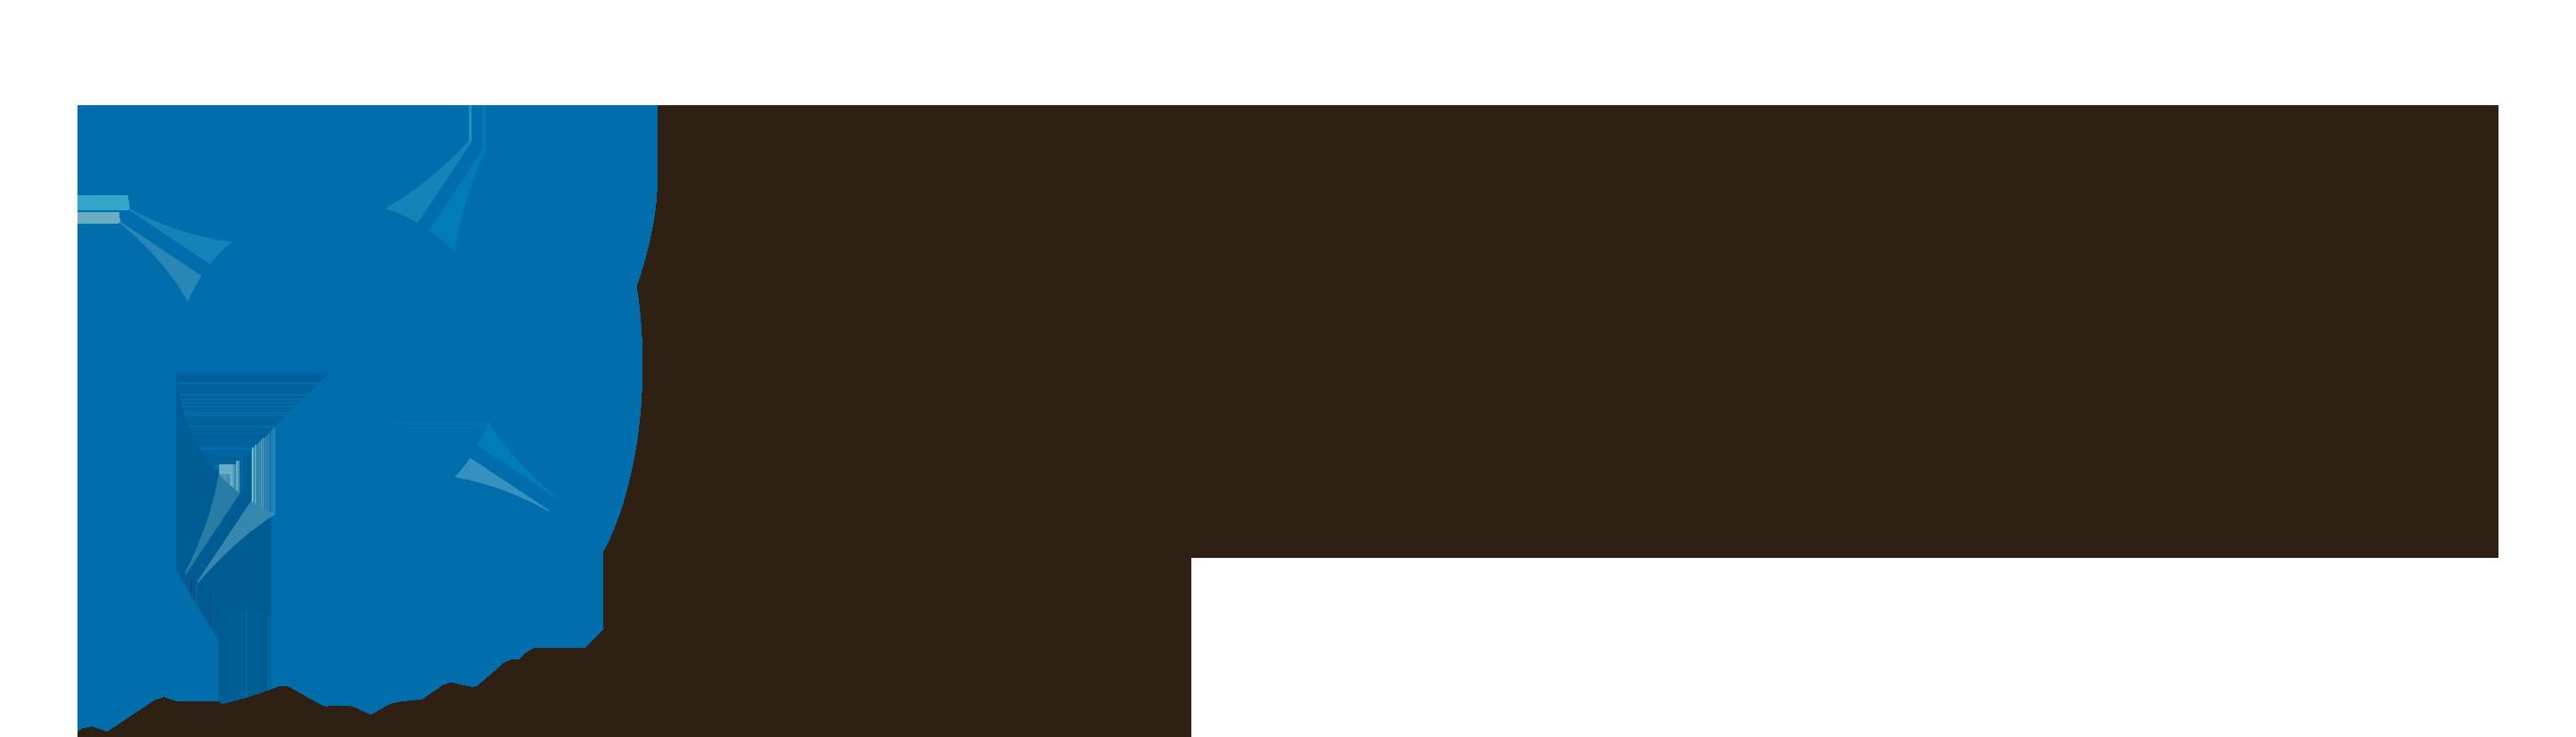 Paikalliset.fi-palvelun logo